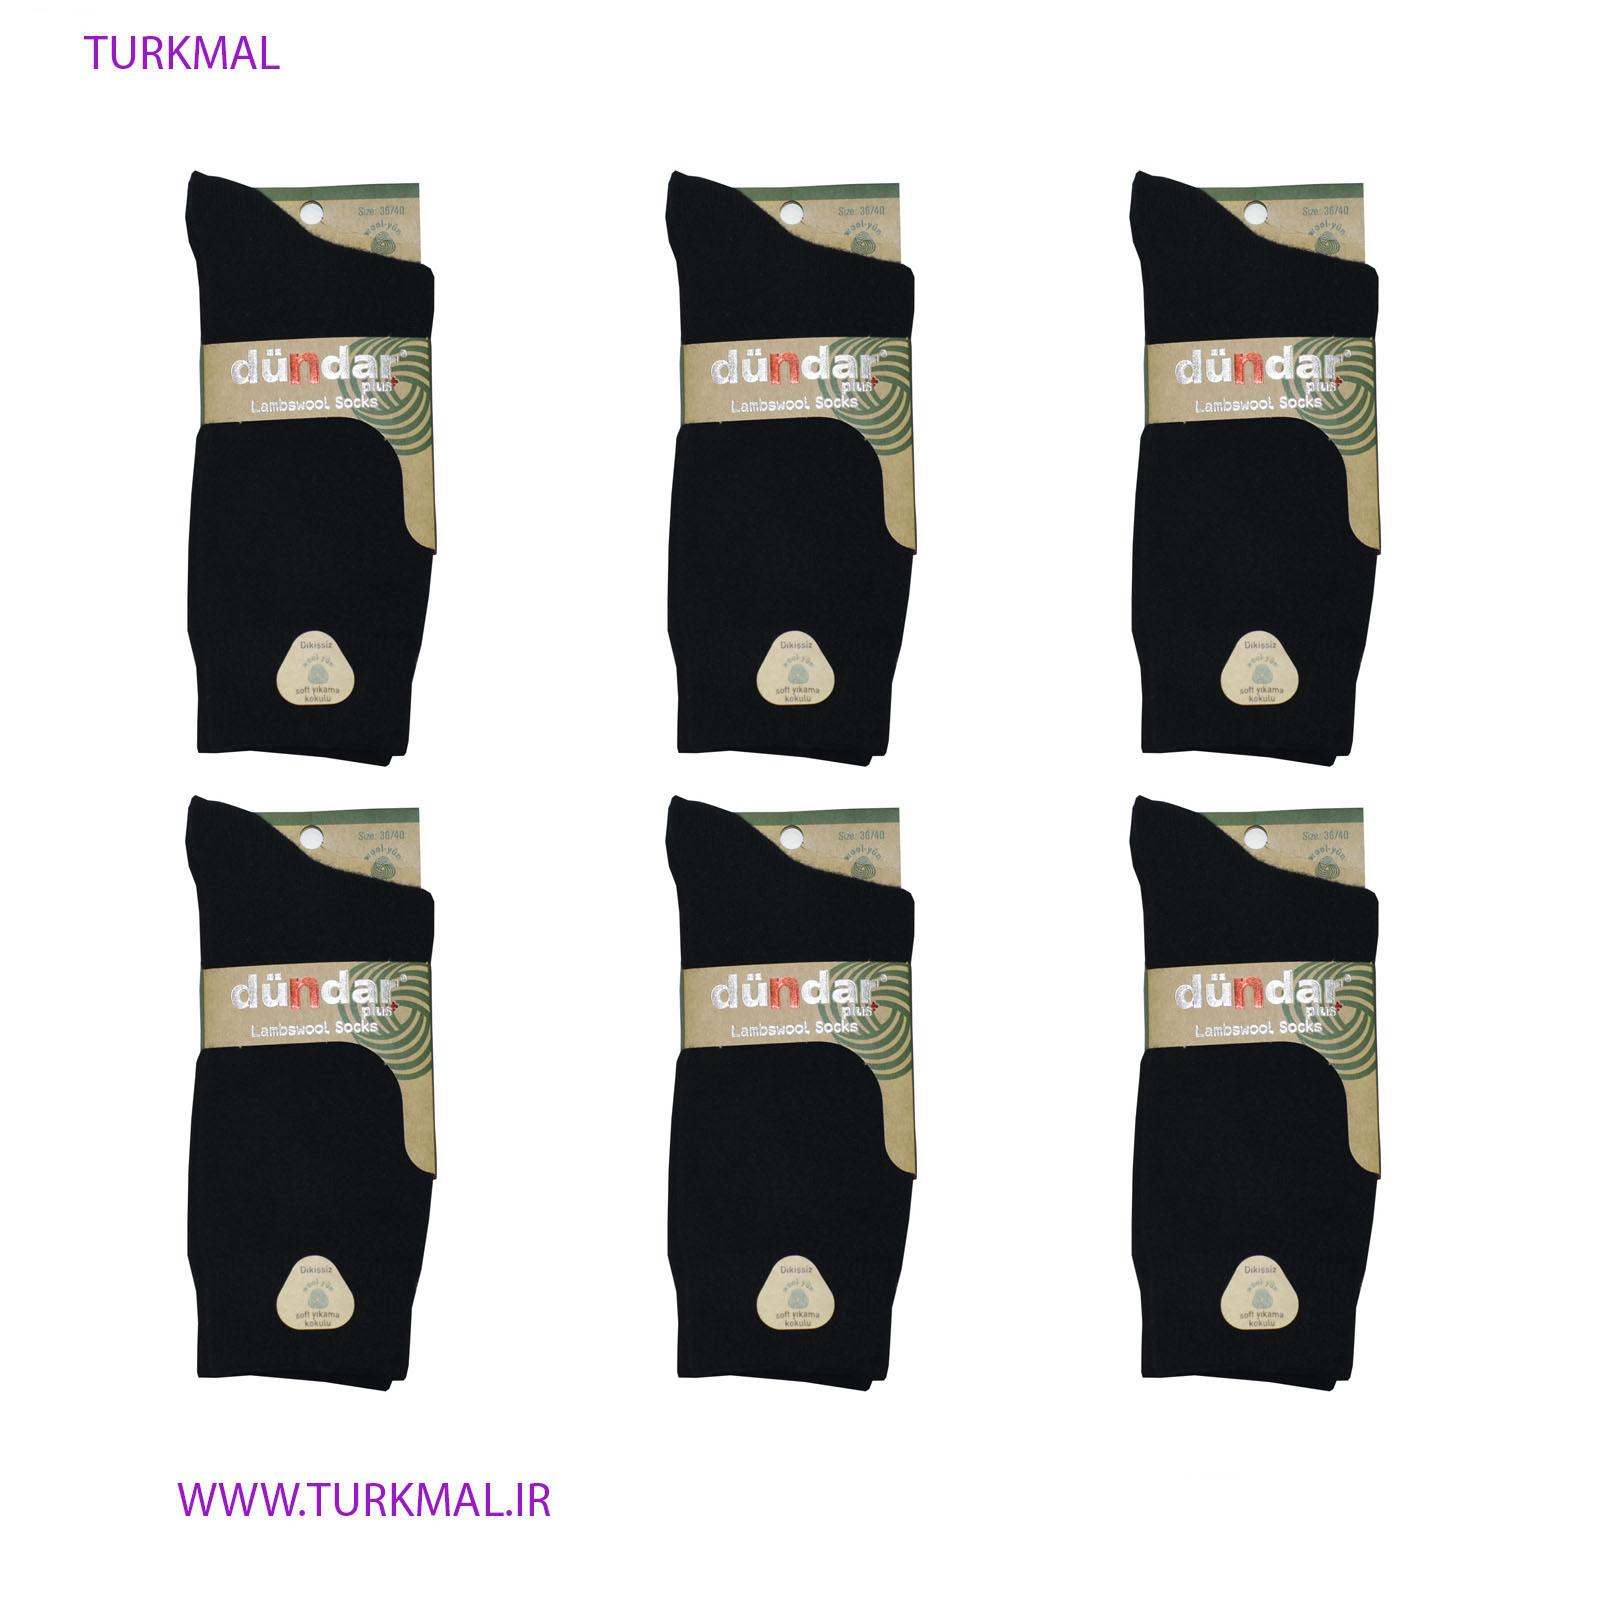 جوراب زنانه دوندار مدل SSSE-78 بسته ۶ عددی